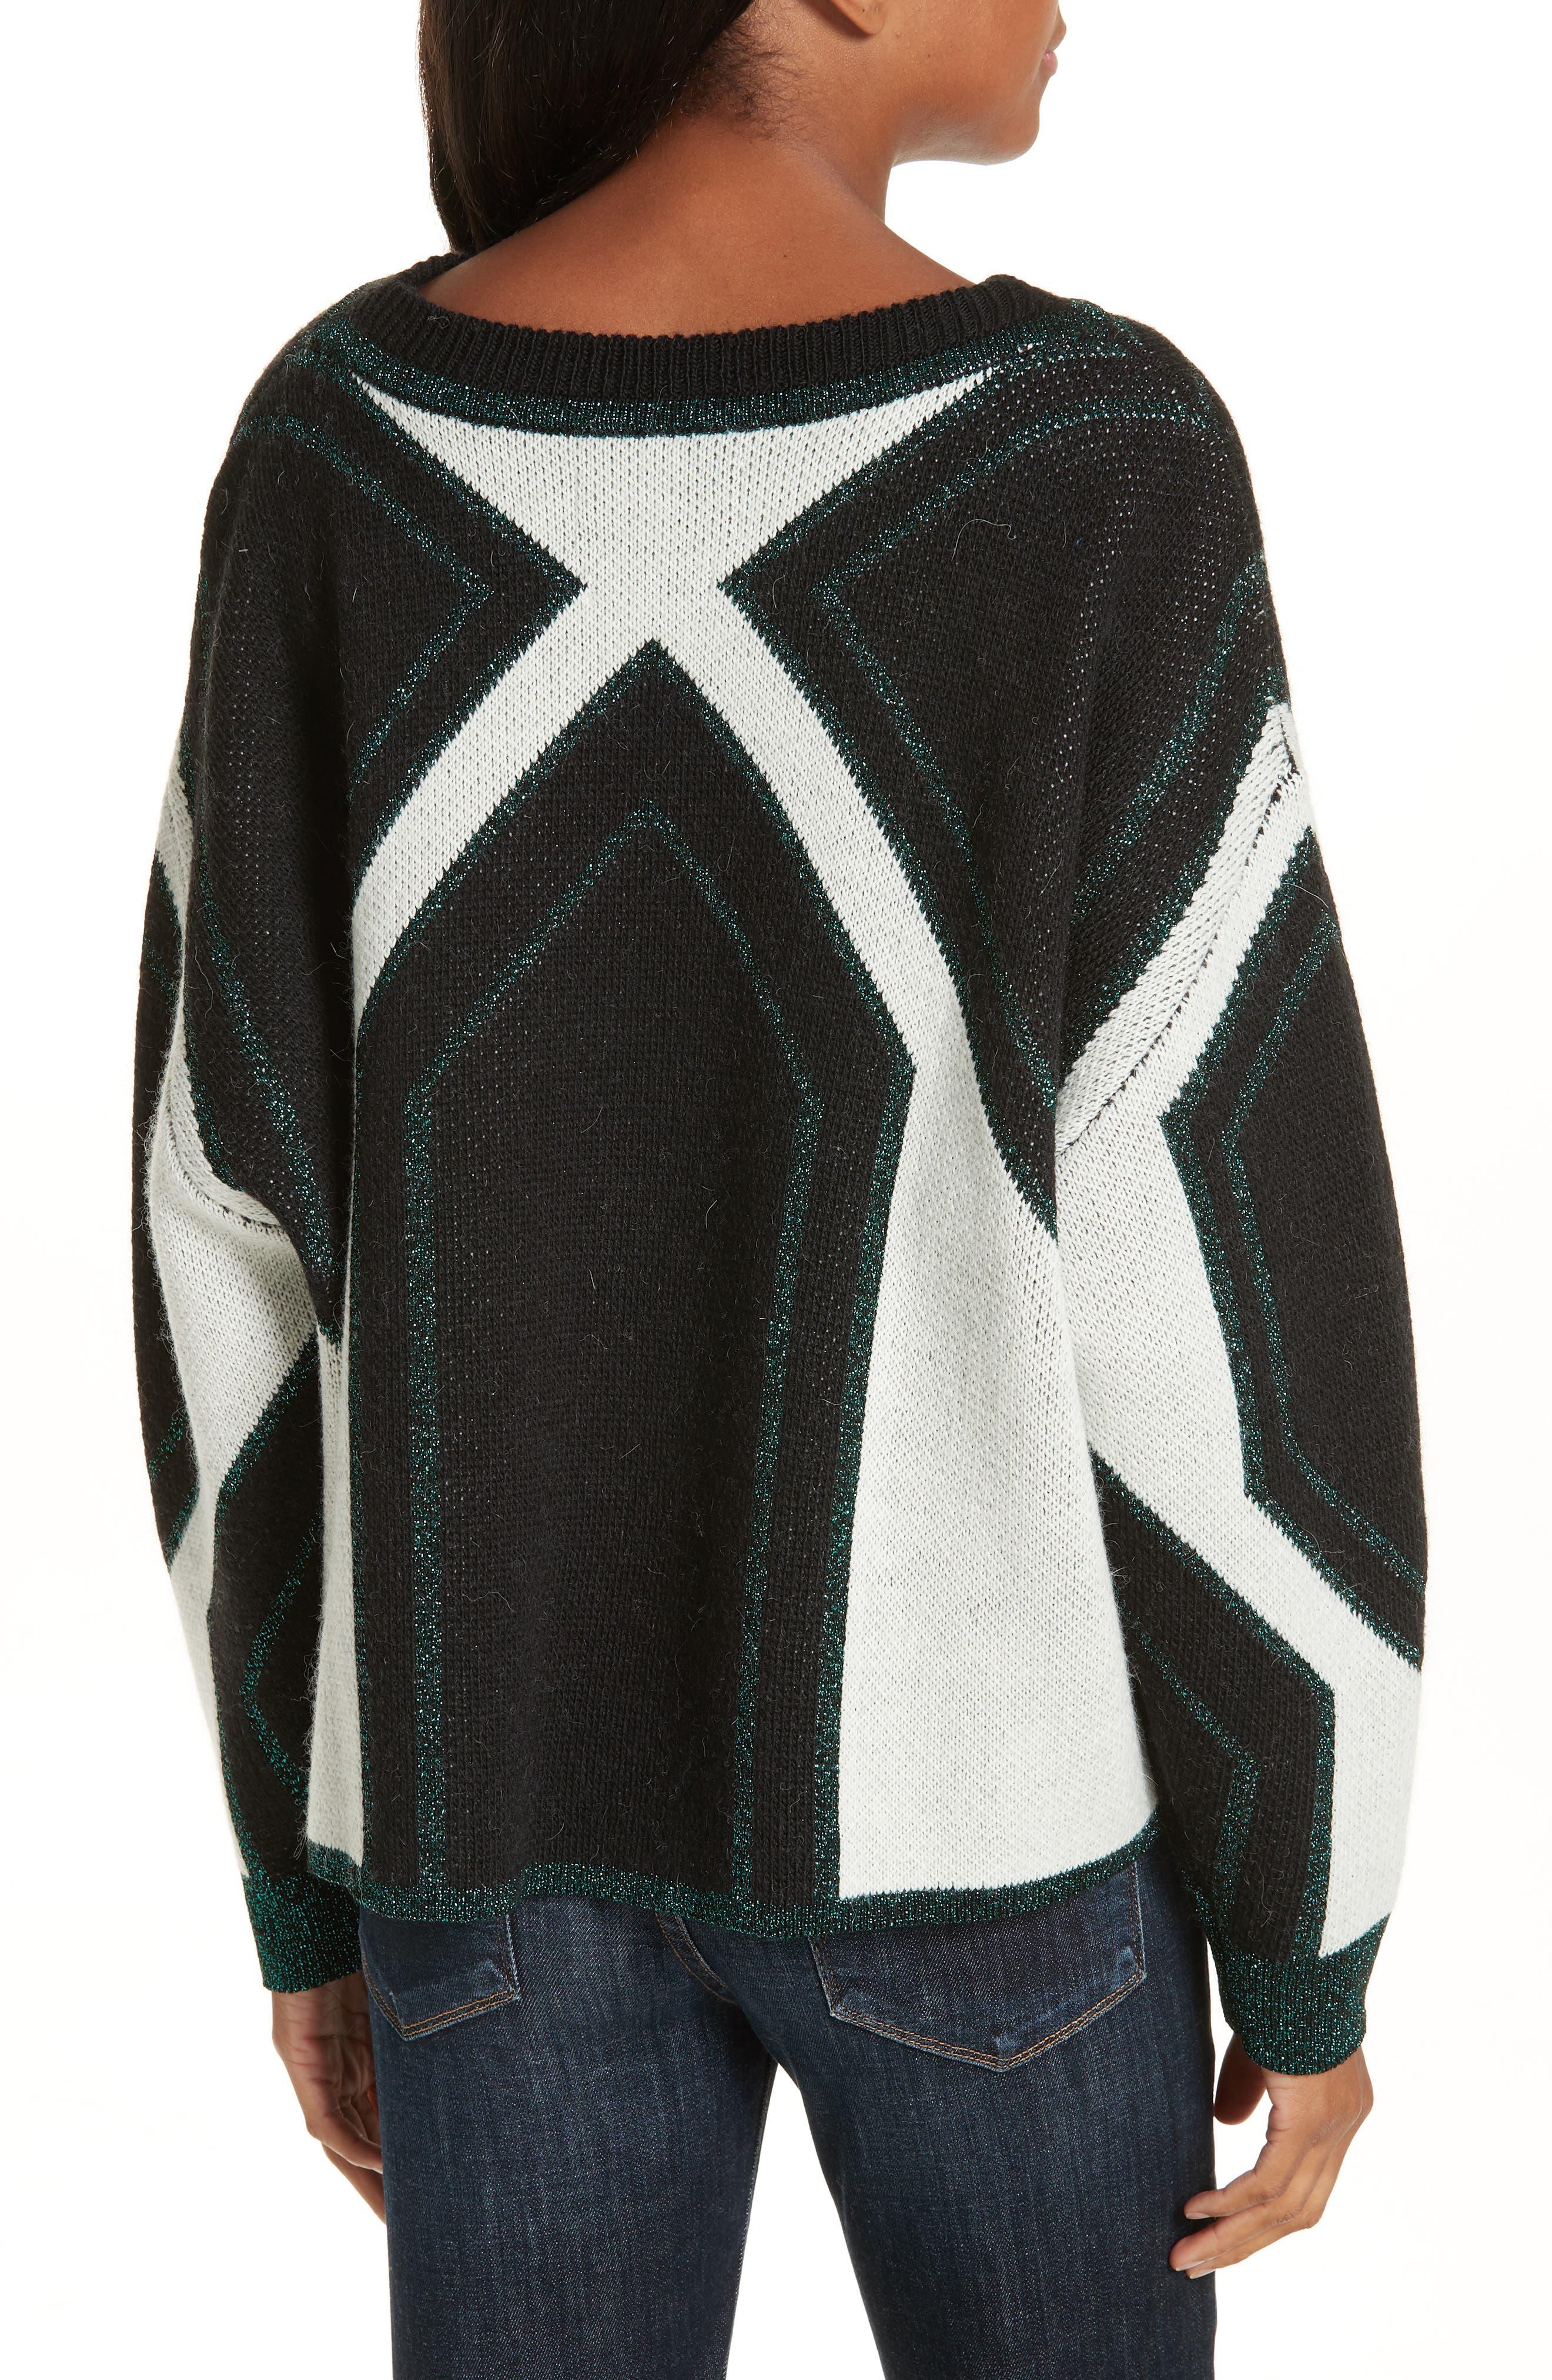 Velny Sweater,                             Alternate thumbnail 2, color,                             400